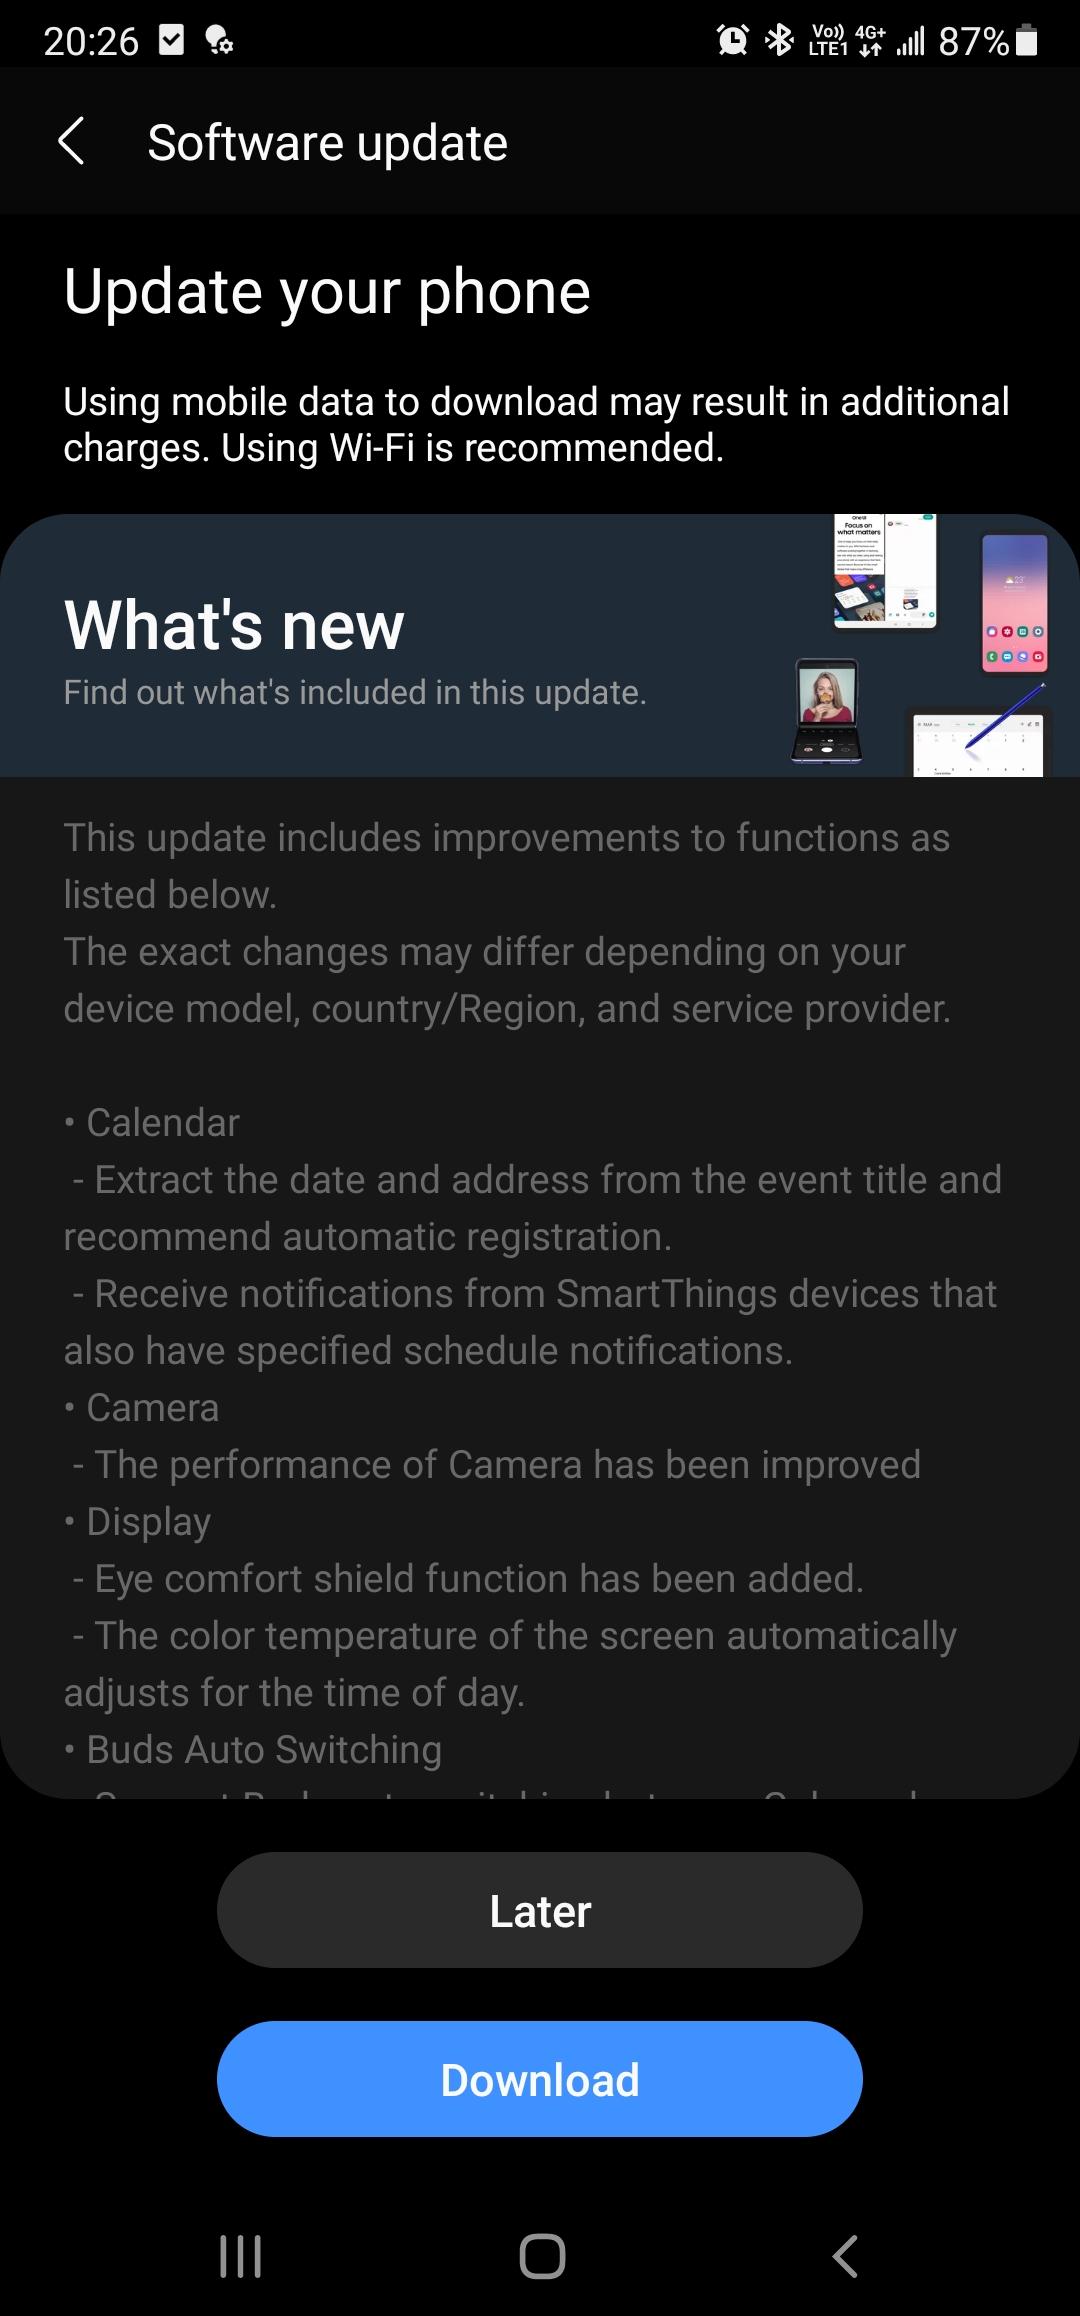 Screenshot_20210304-202647_Software update.jpg